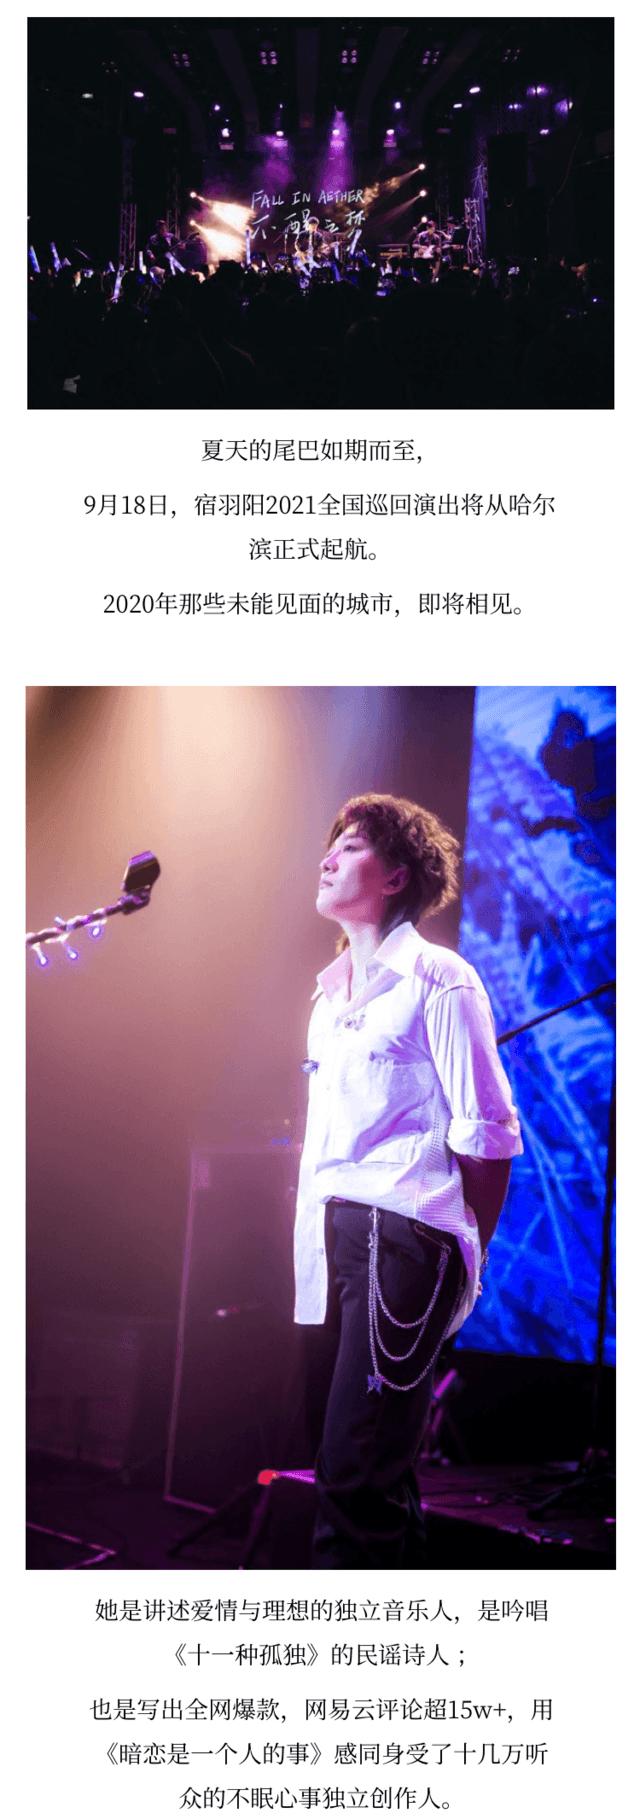 【苏州站】「宿羽阳」《不醒之梦(Fall in Aether》2021巡演LVH